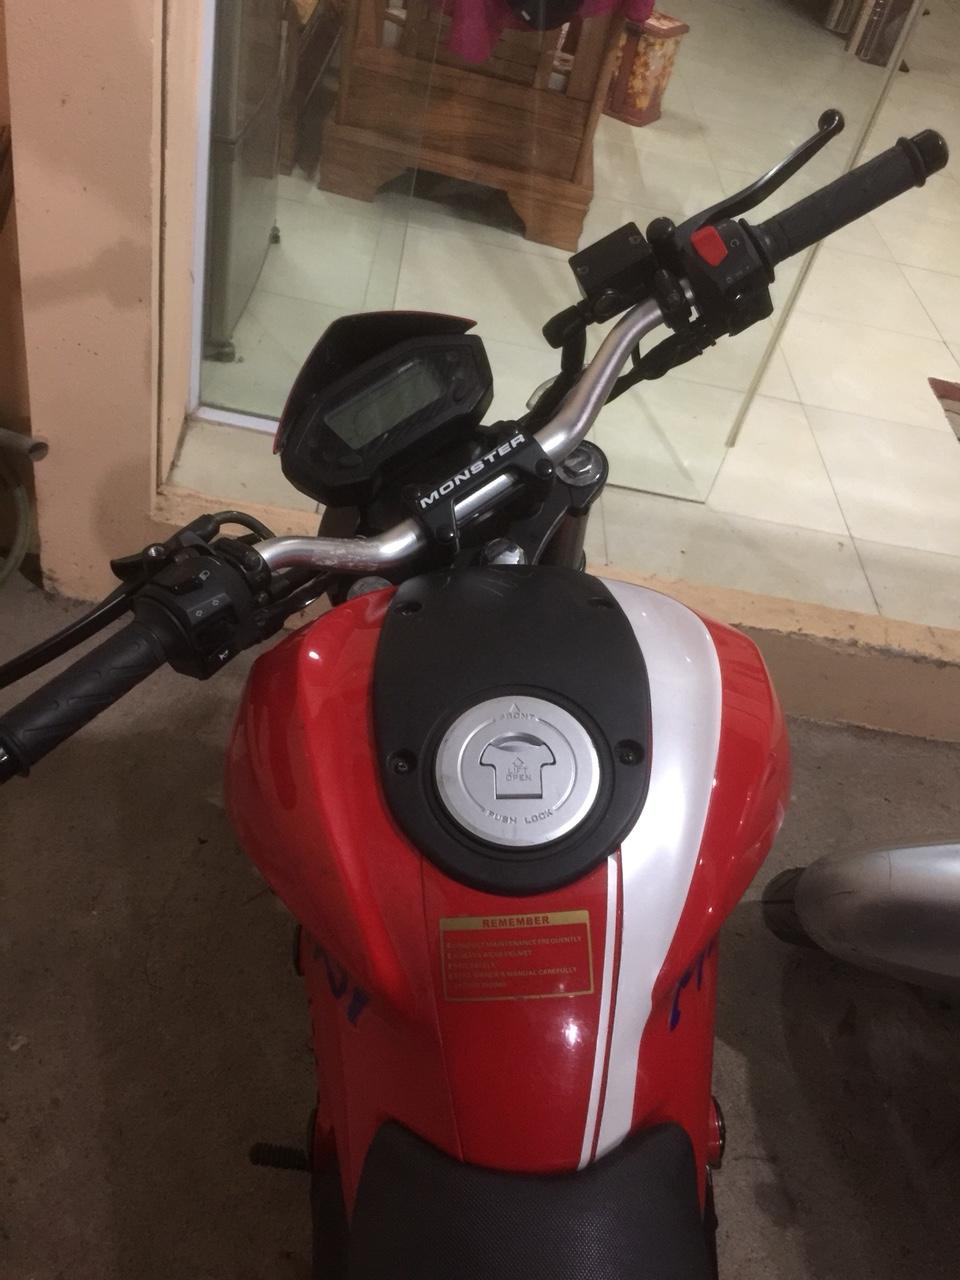 Ban YMH Ducati mini nhap Thai lan 2018 moi nguyen di dc 1500km chinh chu - 3